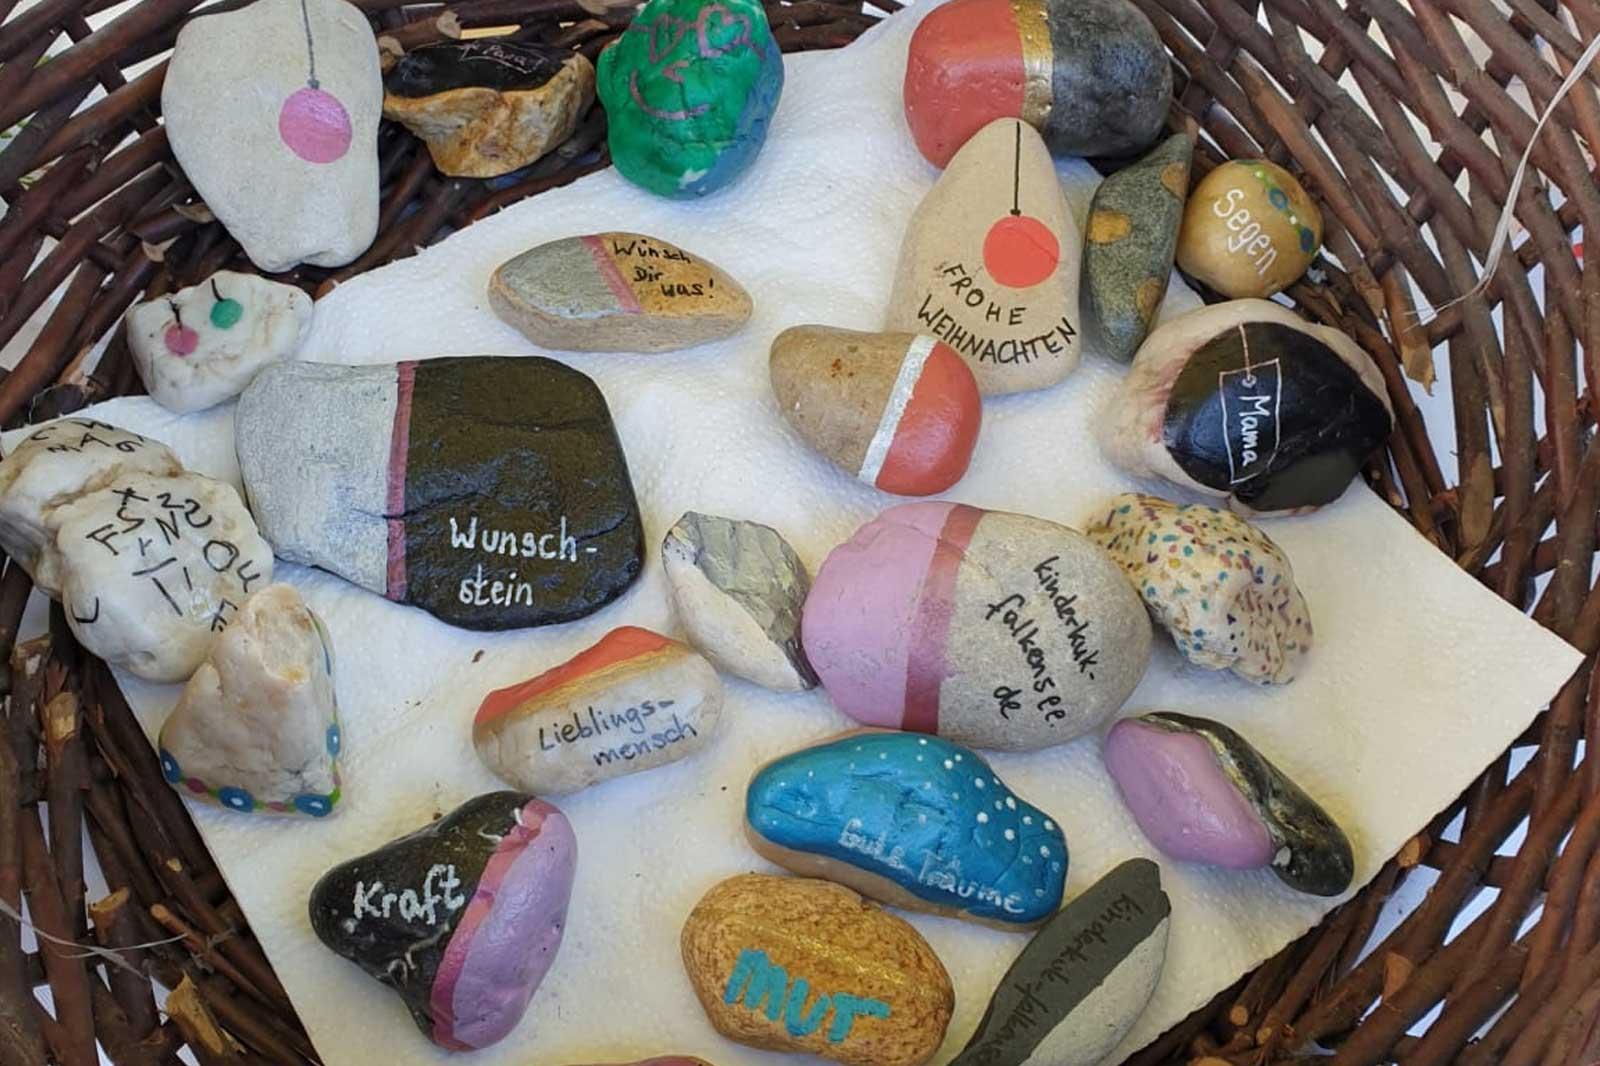 Bemahlte-Steine von Kinderkuk